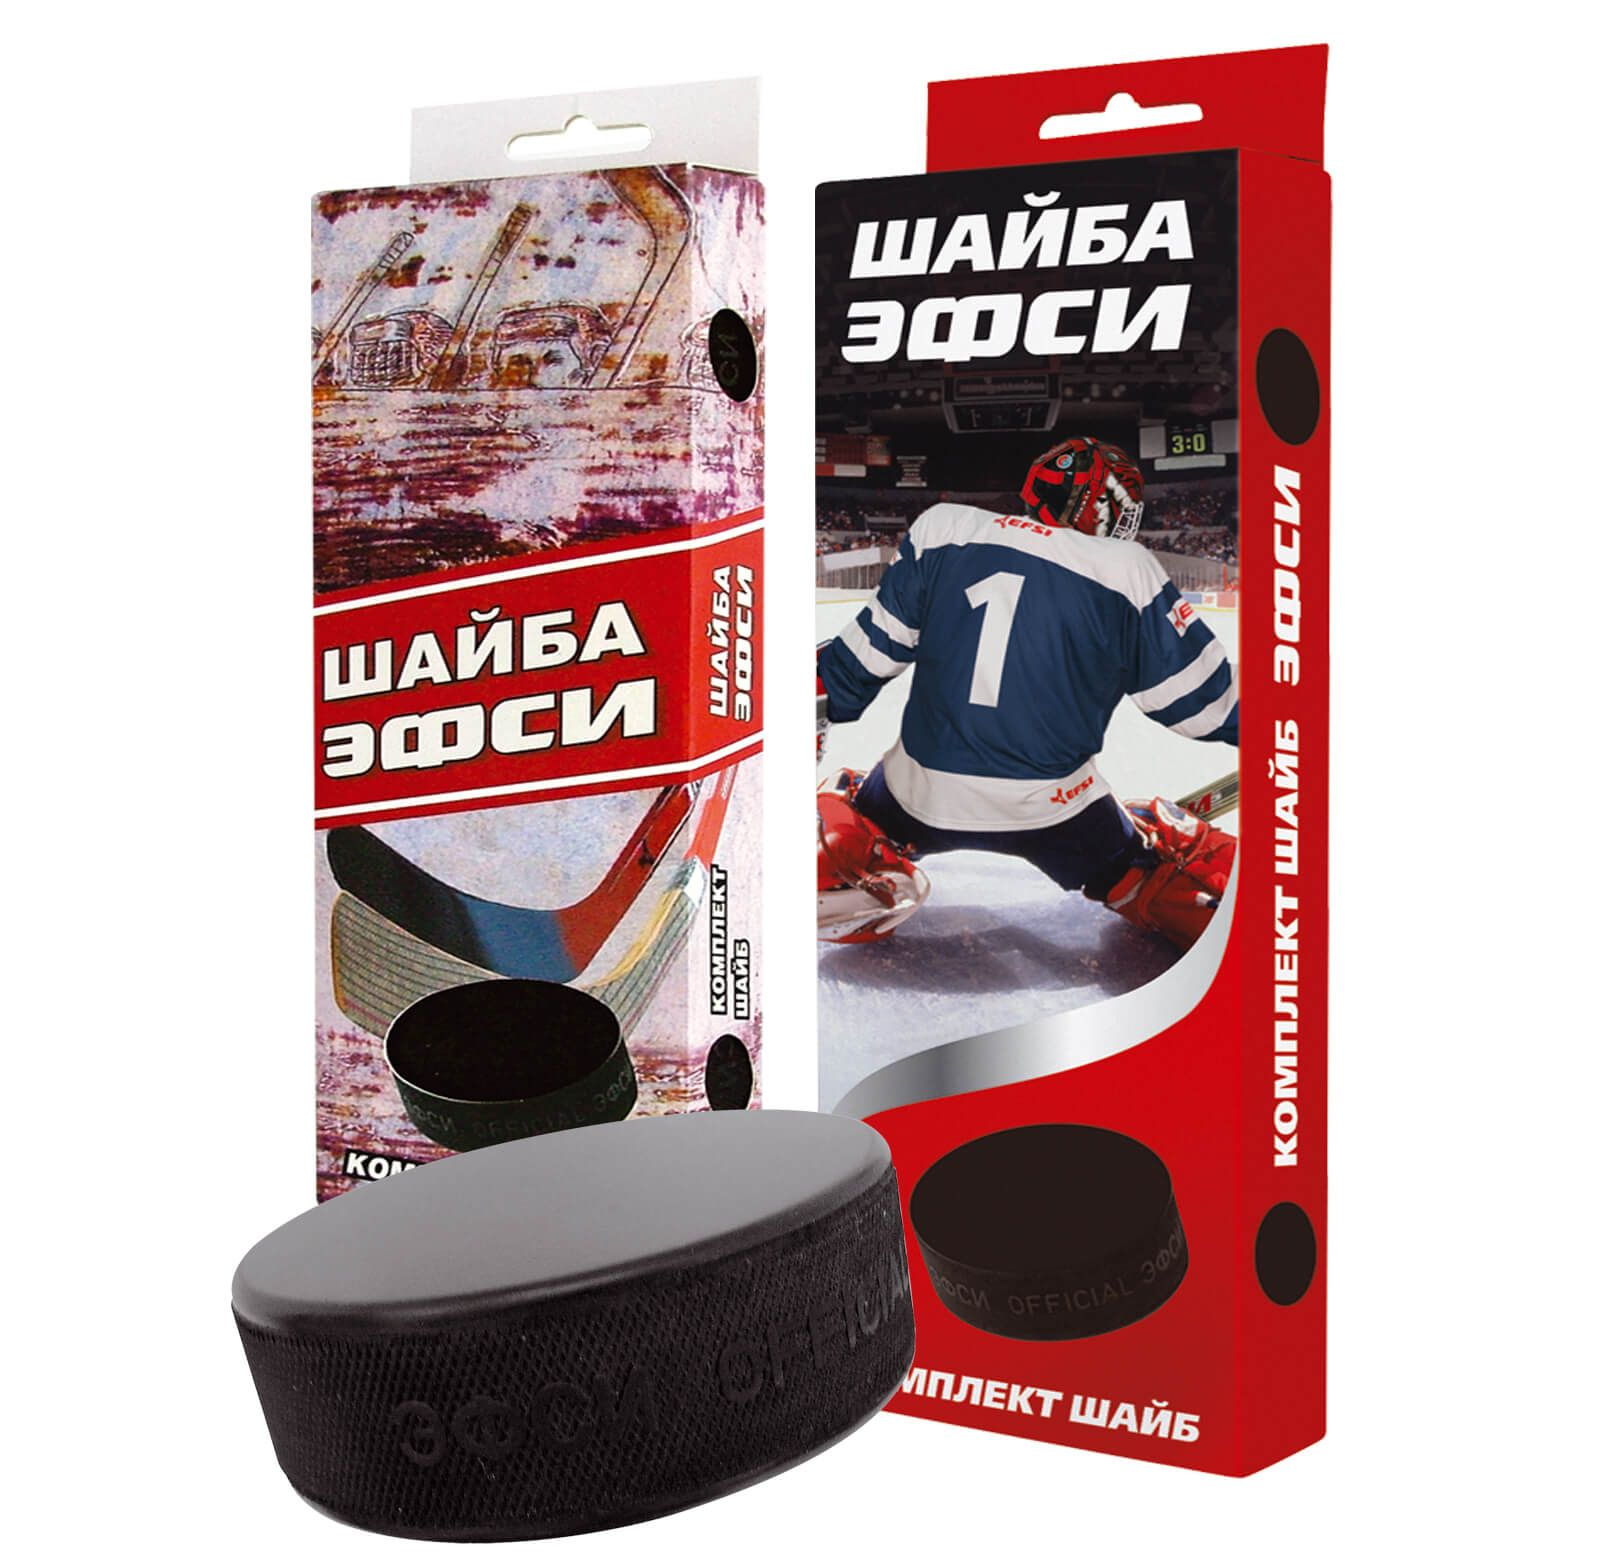 Шайба хоккейная EFSI